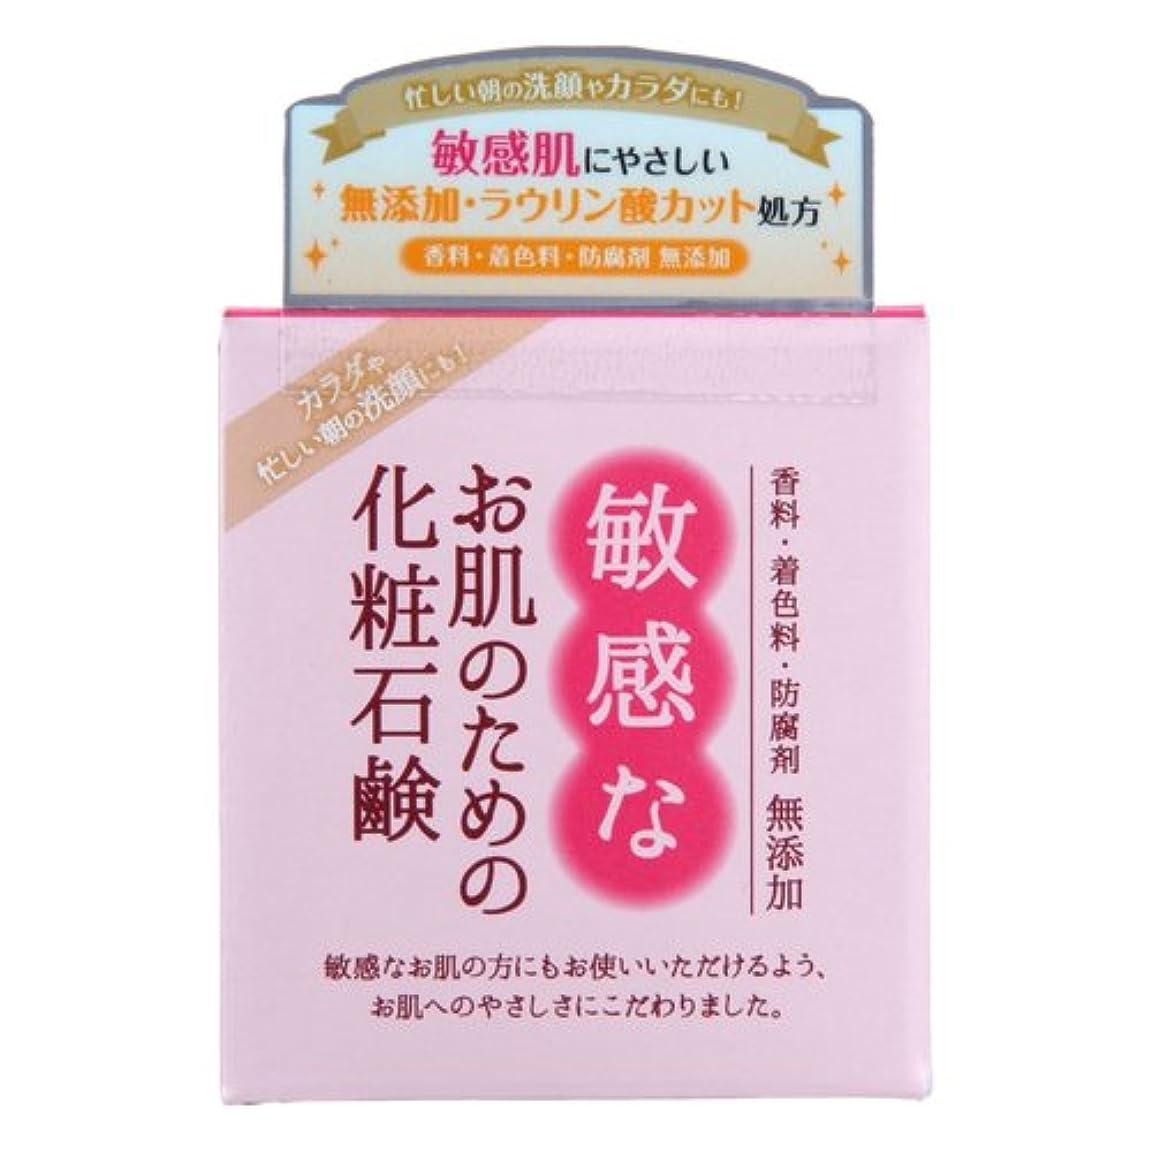 前売増幅フィールド敏感なお肌のための化粧石鹸 100g CBH-S